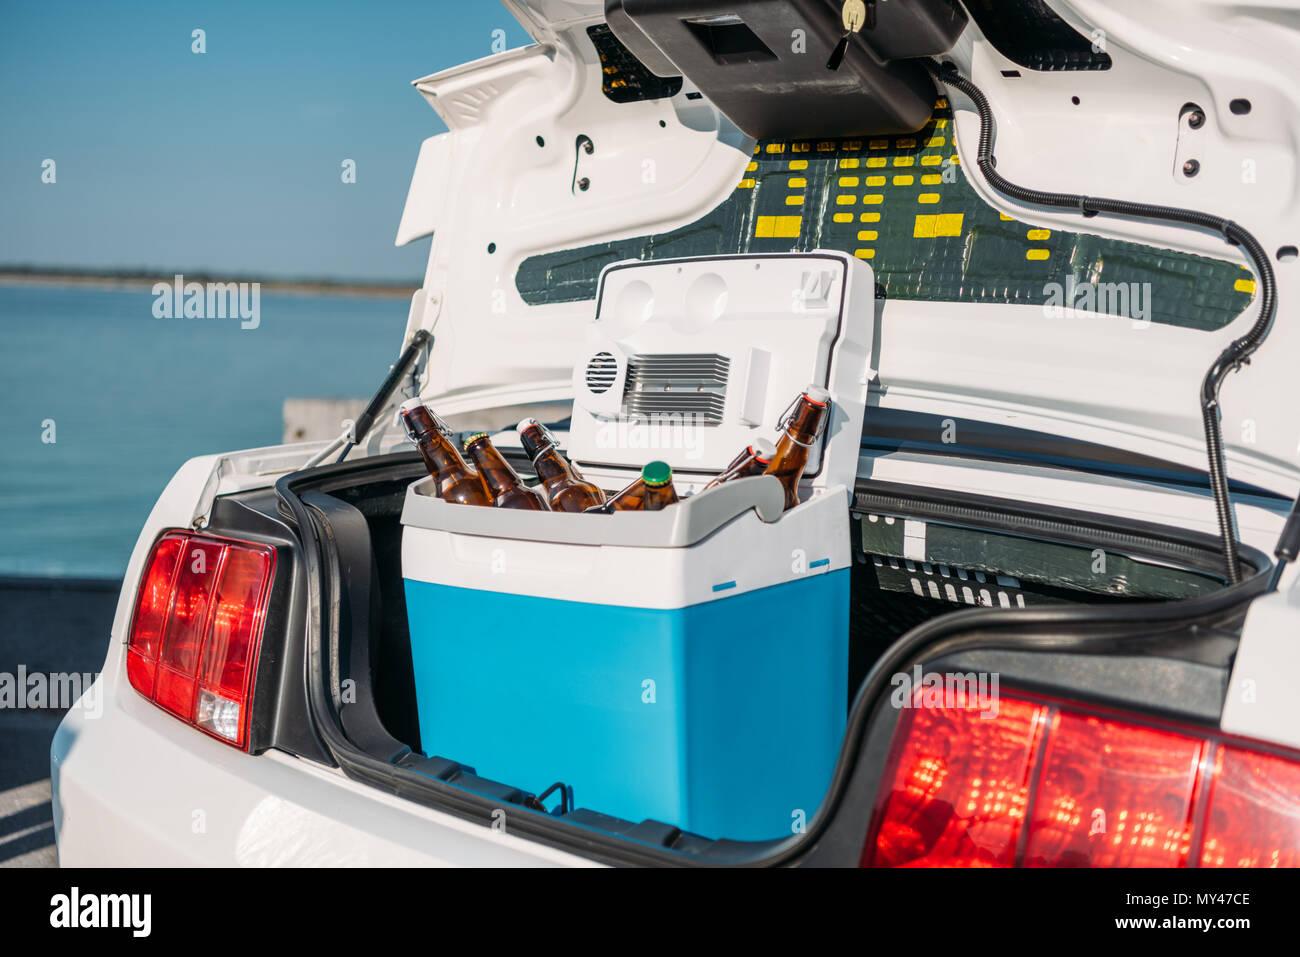 Kühlschrank Für Auto : Kühlschrank für auto in hessen offenbach kühlschrank